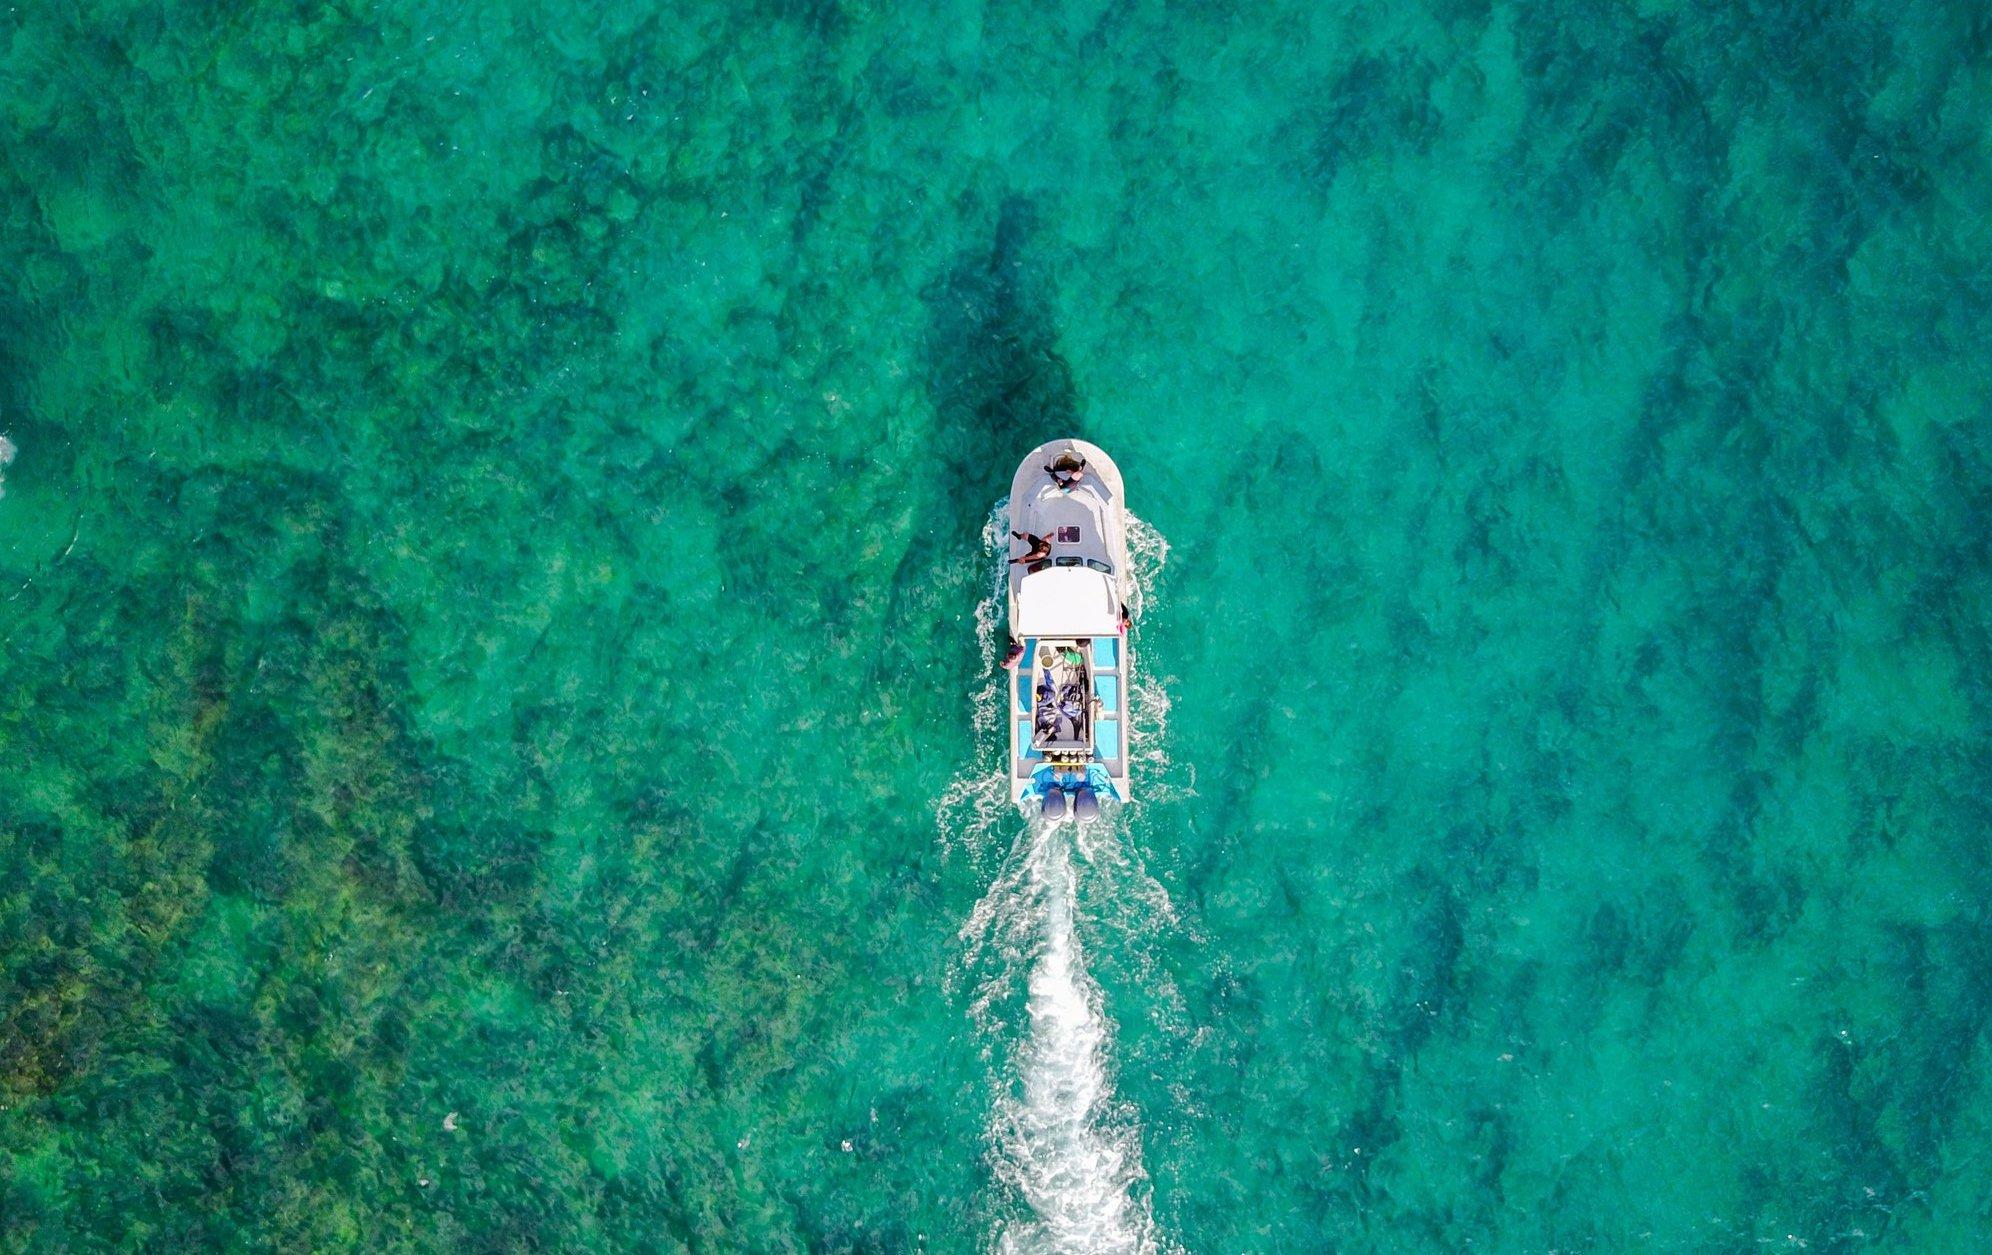 scuba_diving_northland_new_zealand_huntaway_ldoge.jpg